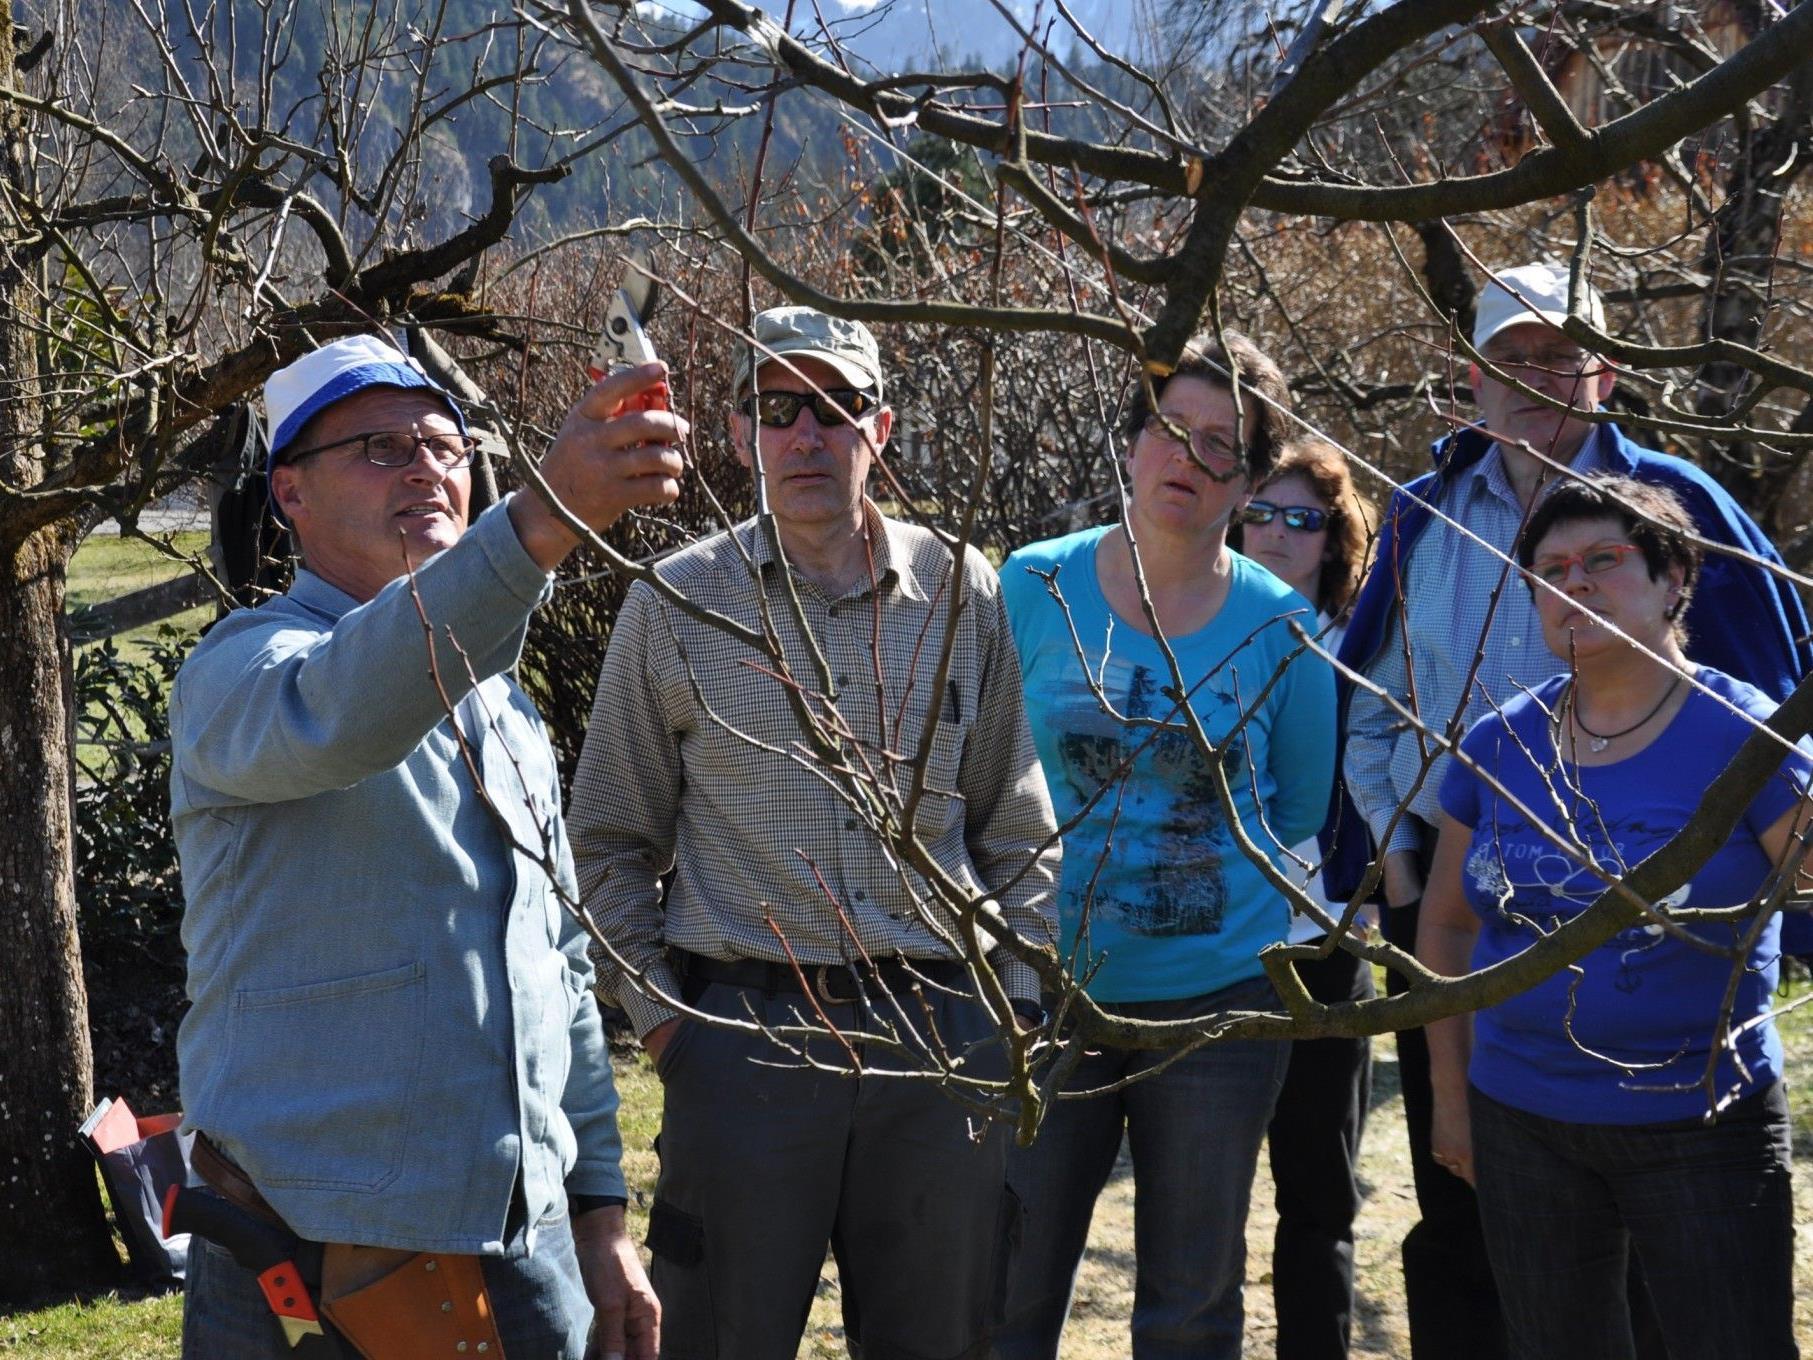 Arthur Bertel - zeigt wie die Bäume geschnitten werden